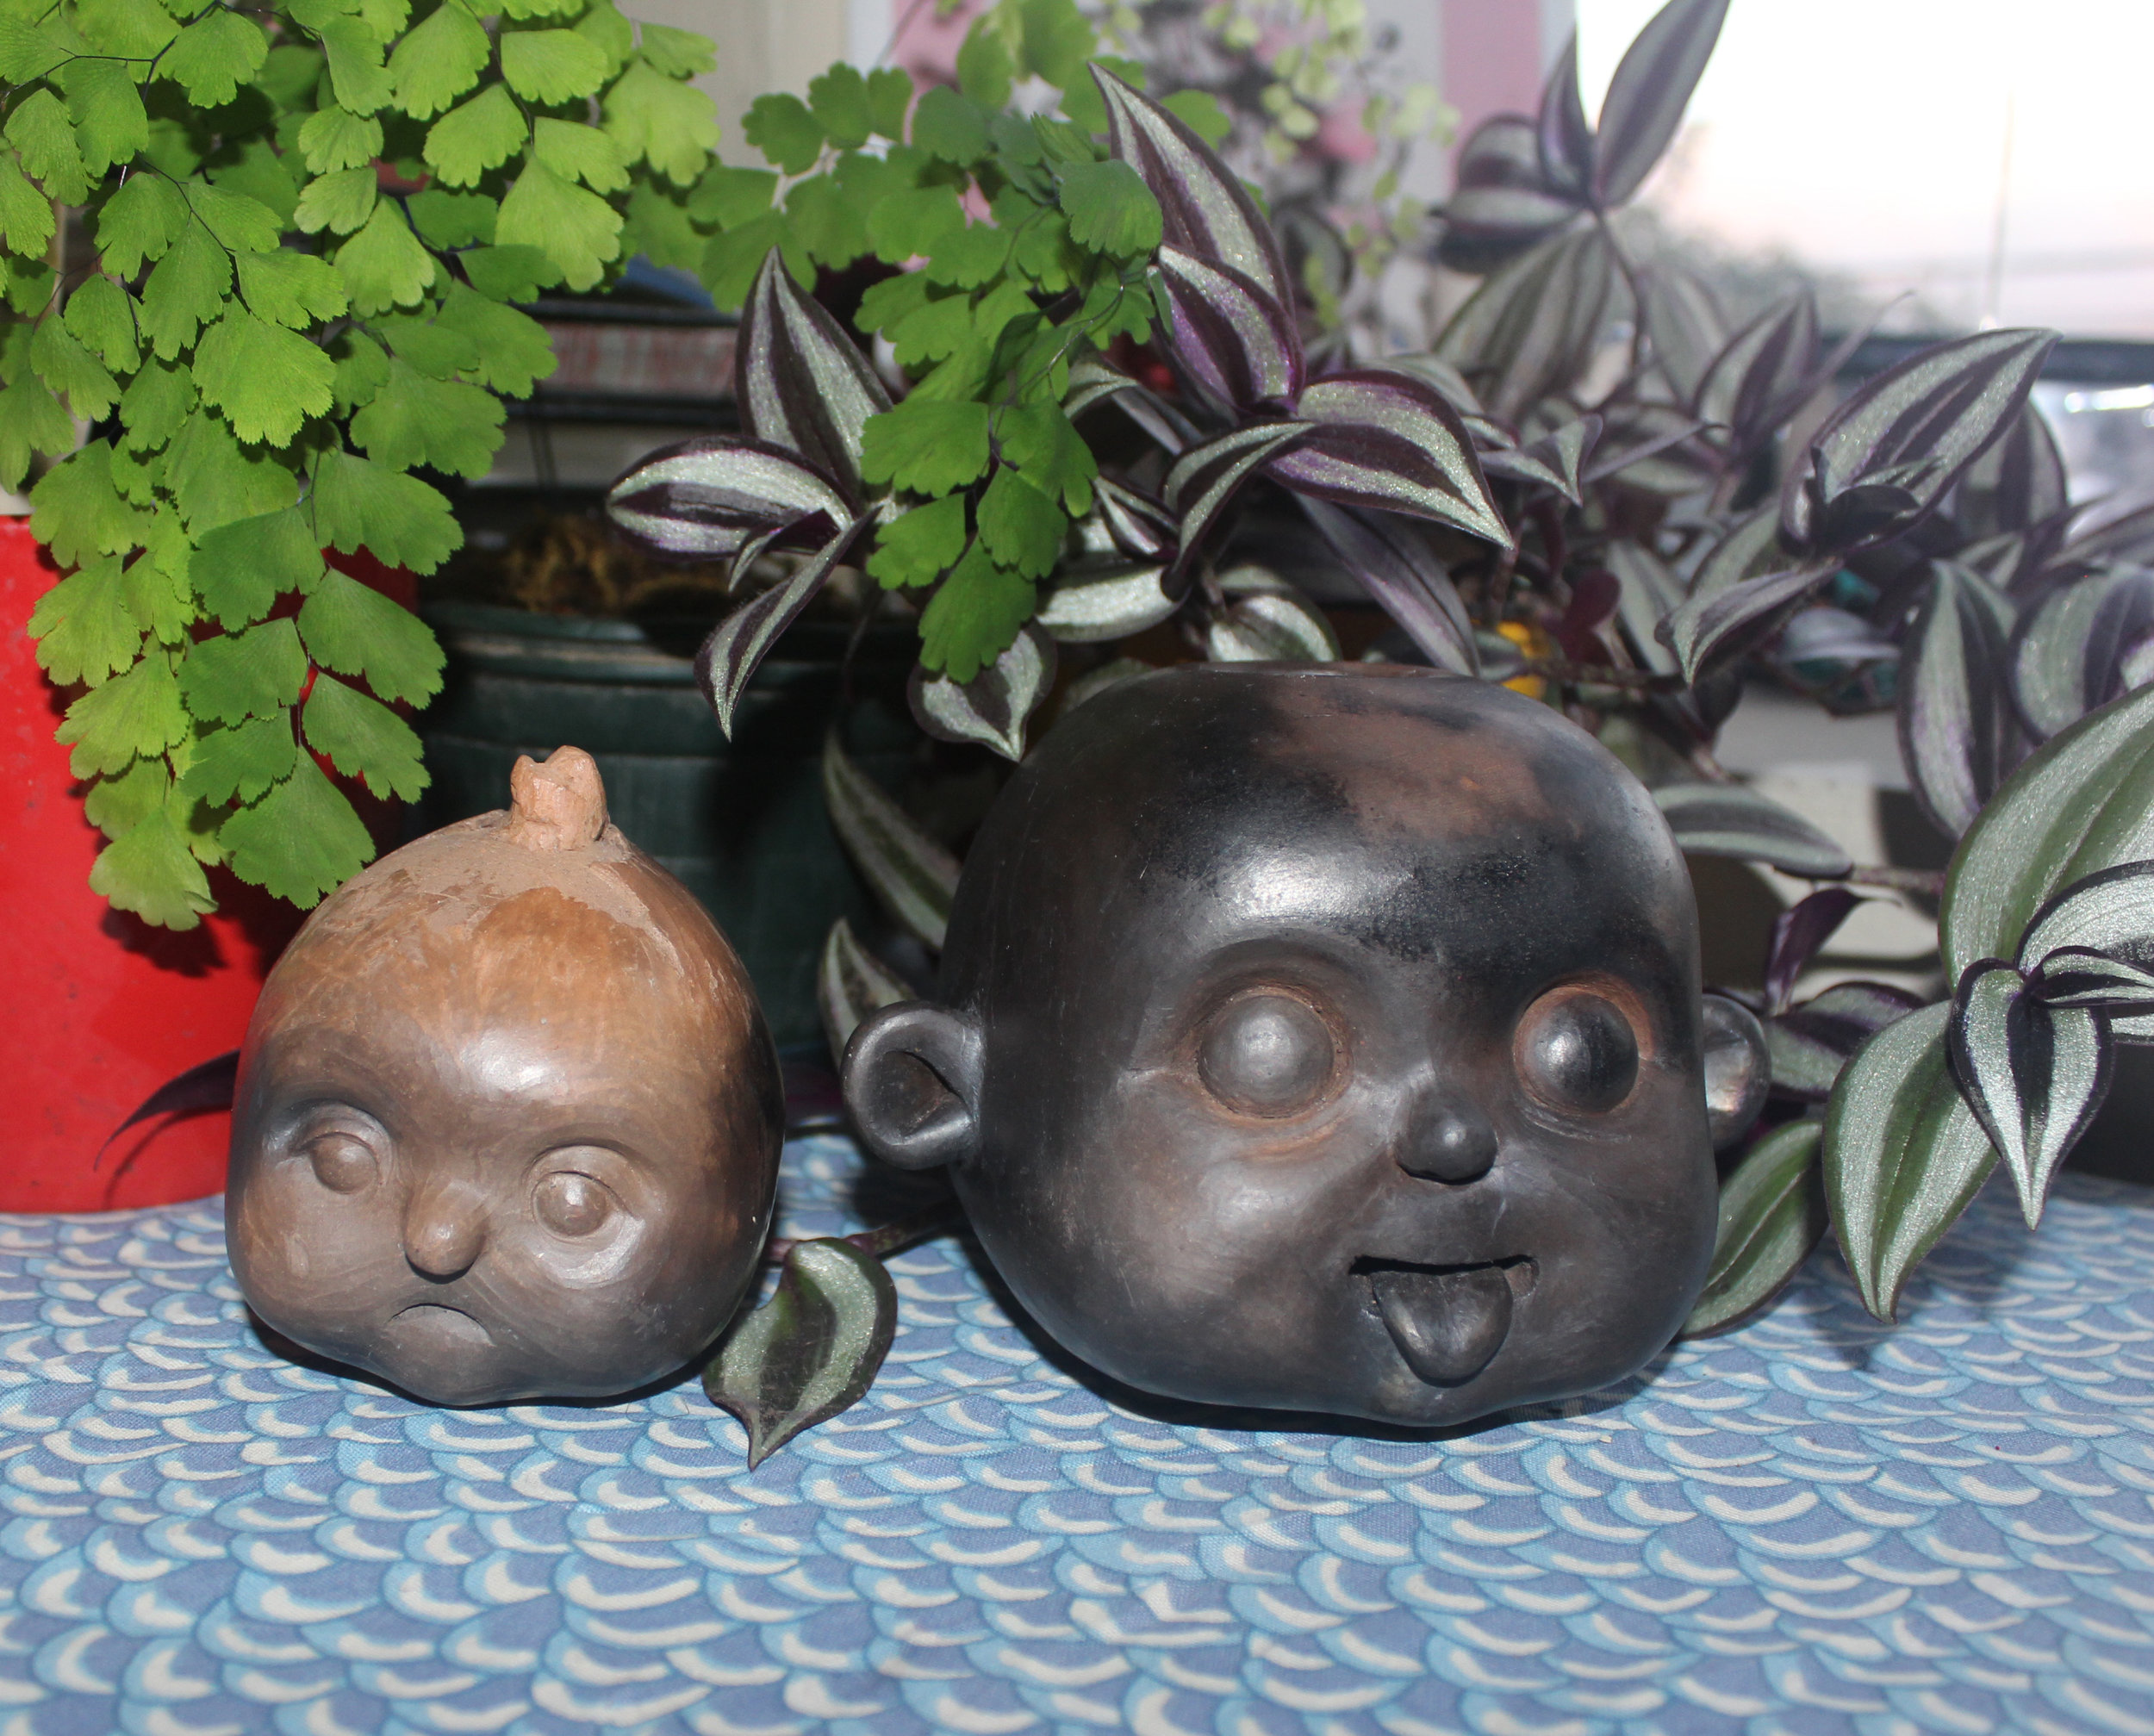 esculturas en cerámica que estarán a la venta en el puesto de rebeca martínez la feria de bellas artes de la ucr | precio: 30,000 - 40,000 colones